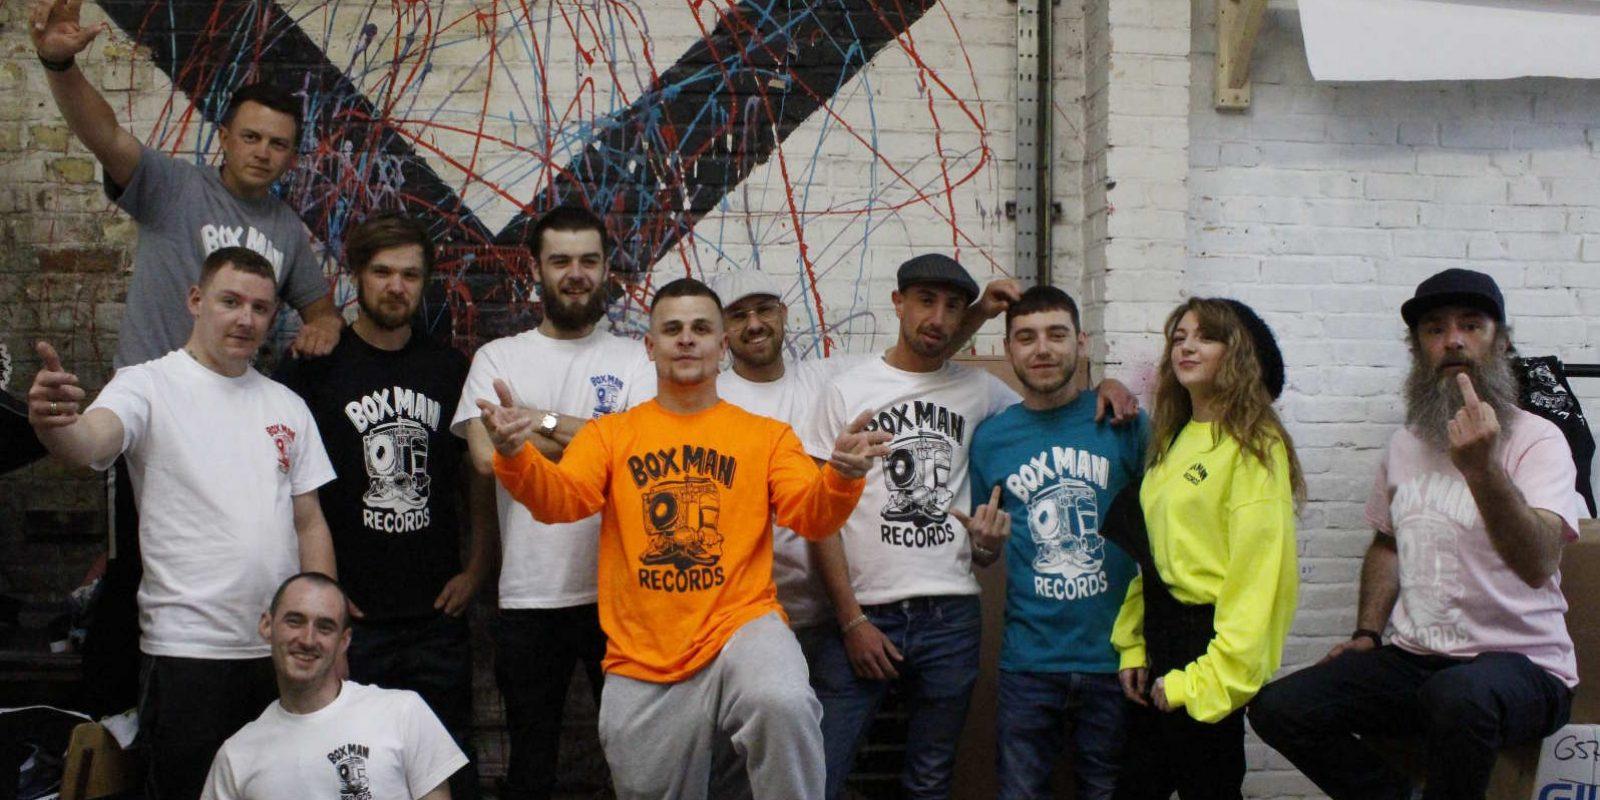 boxman records crew